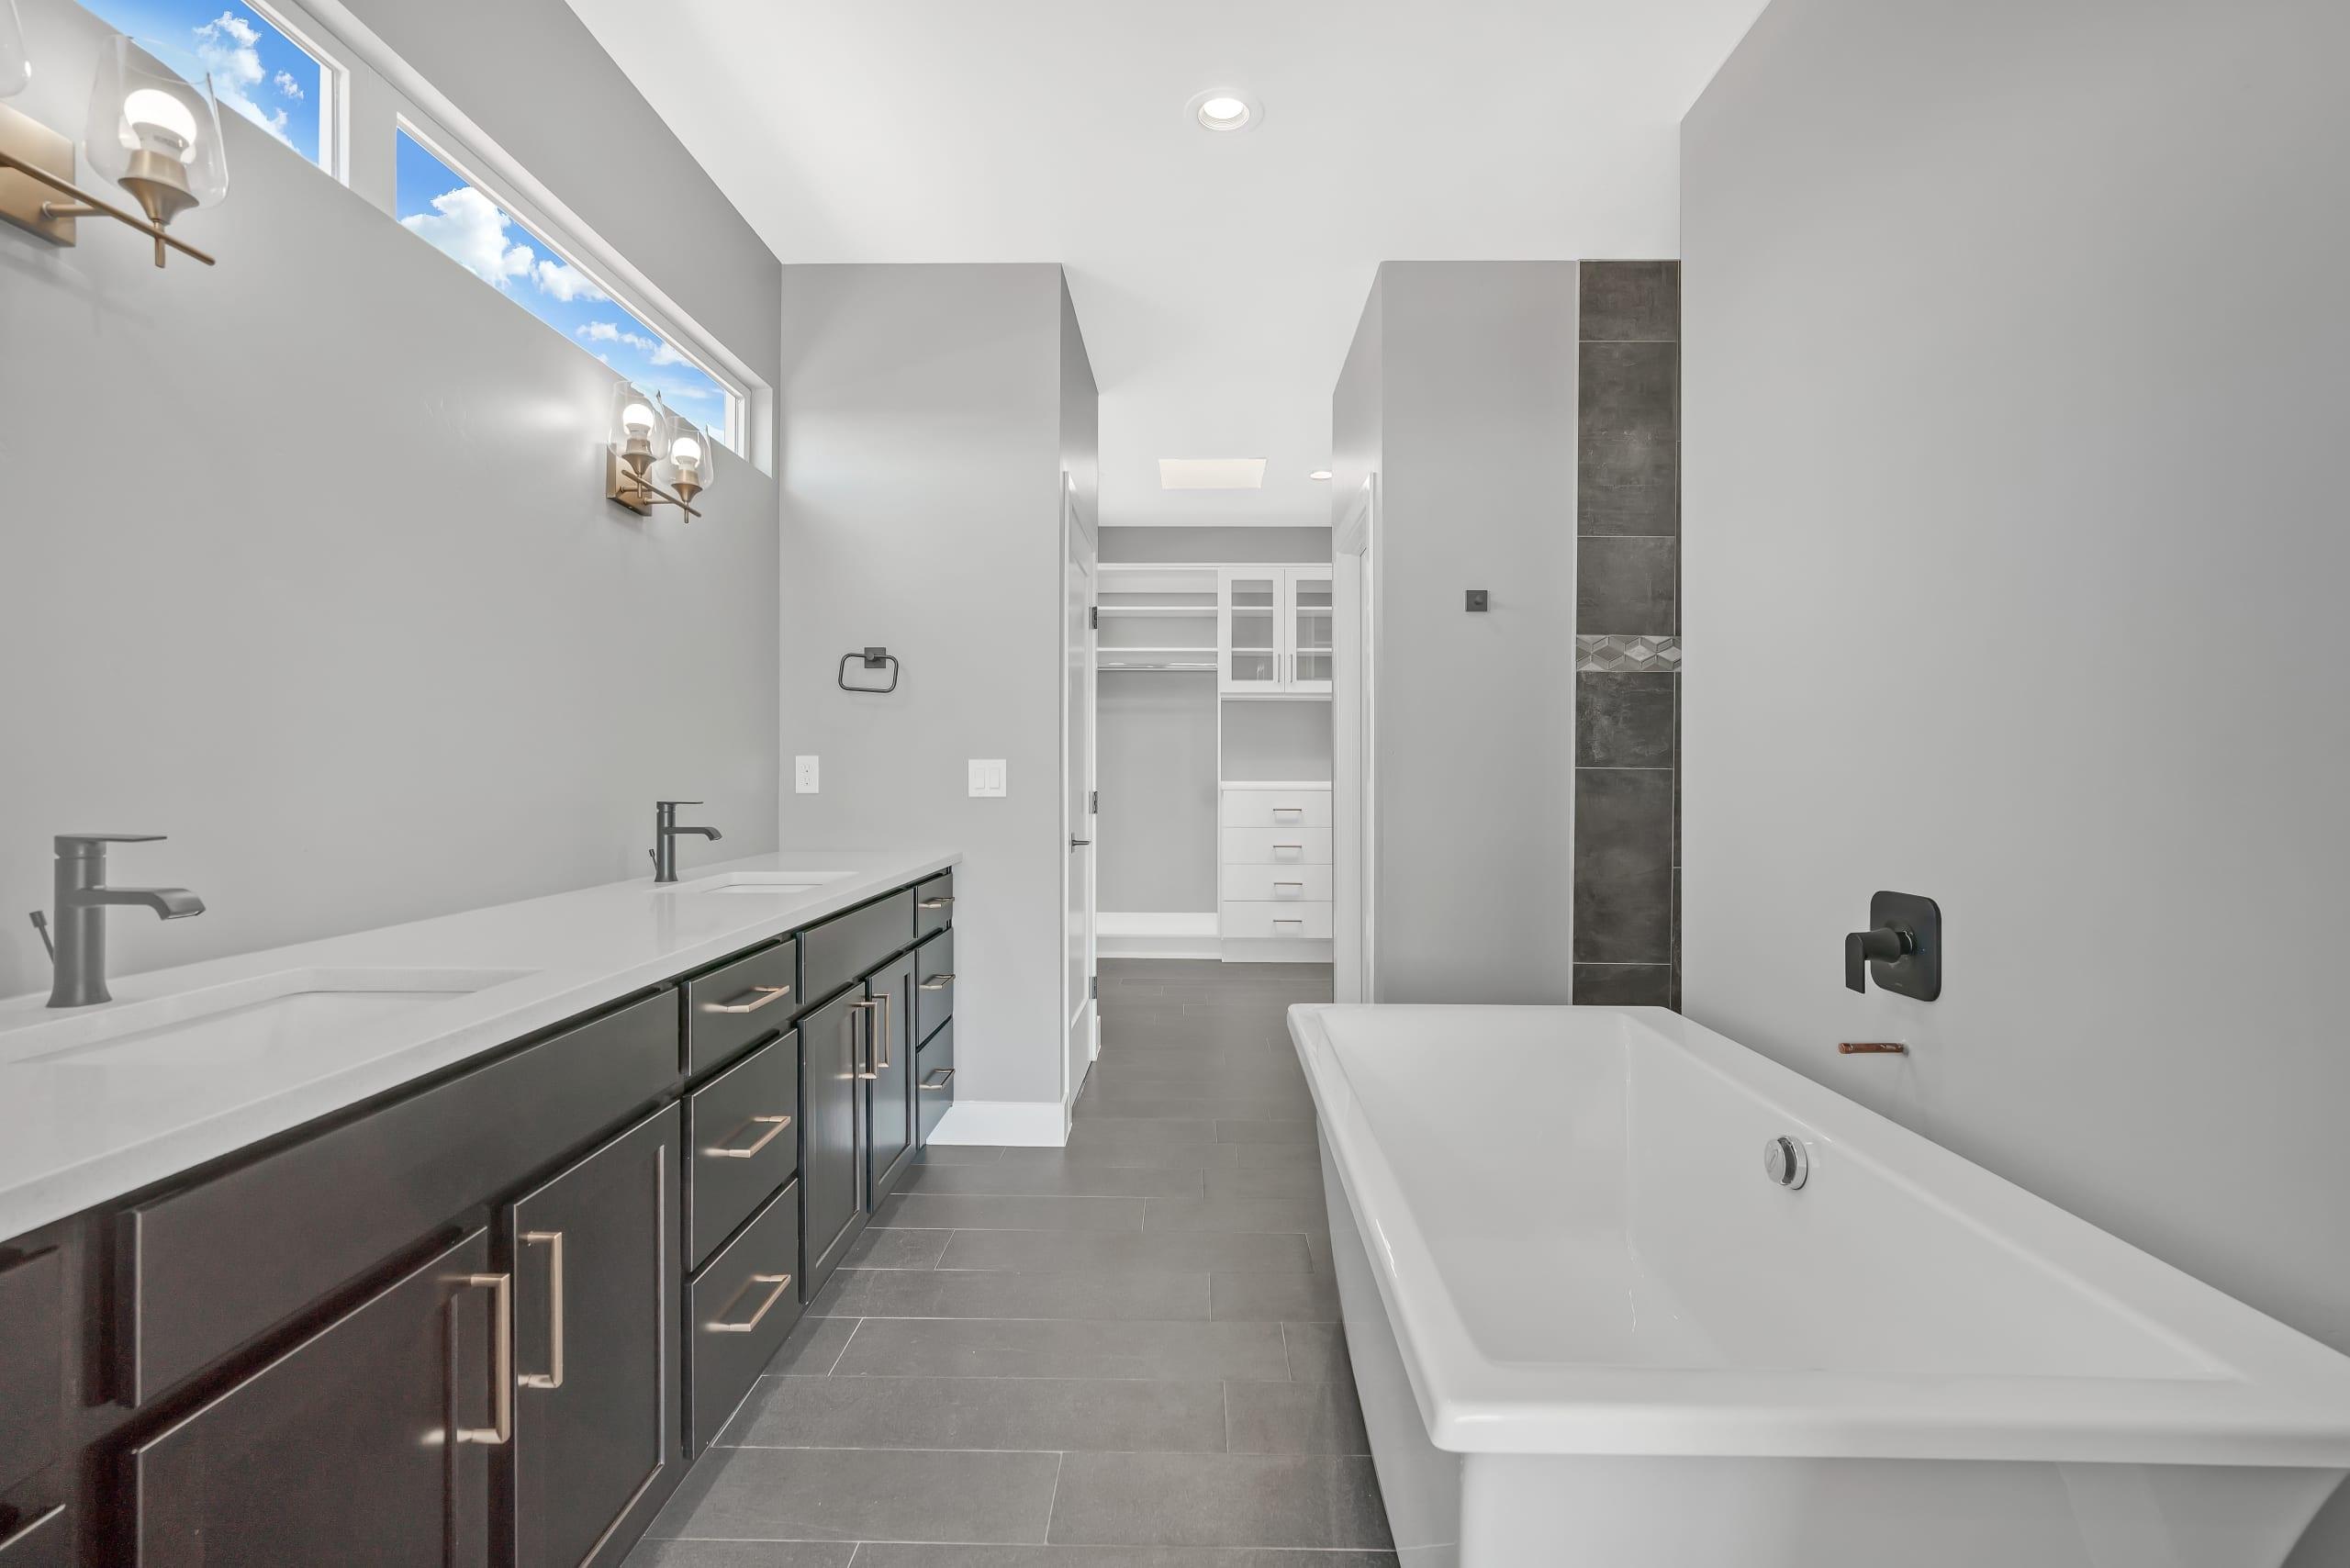 Master Bathroom - dual sinks - luxury tub